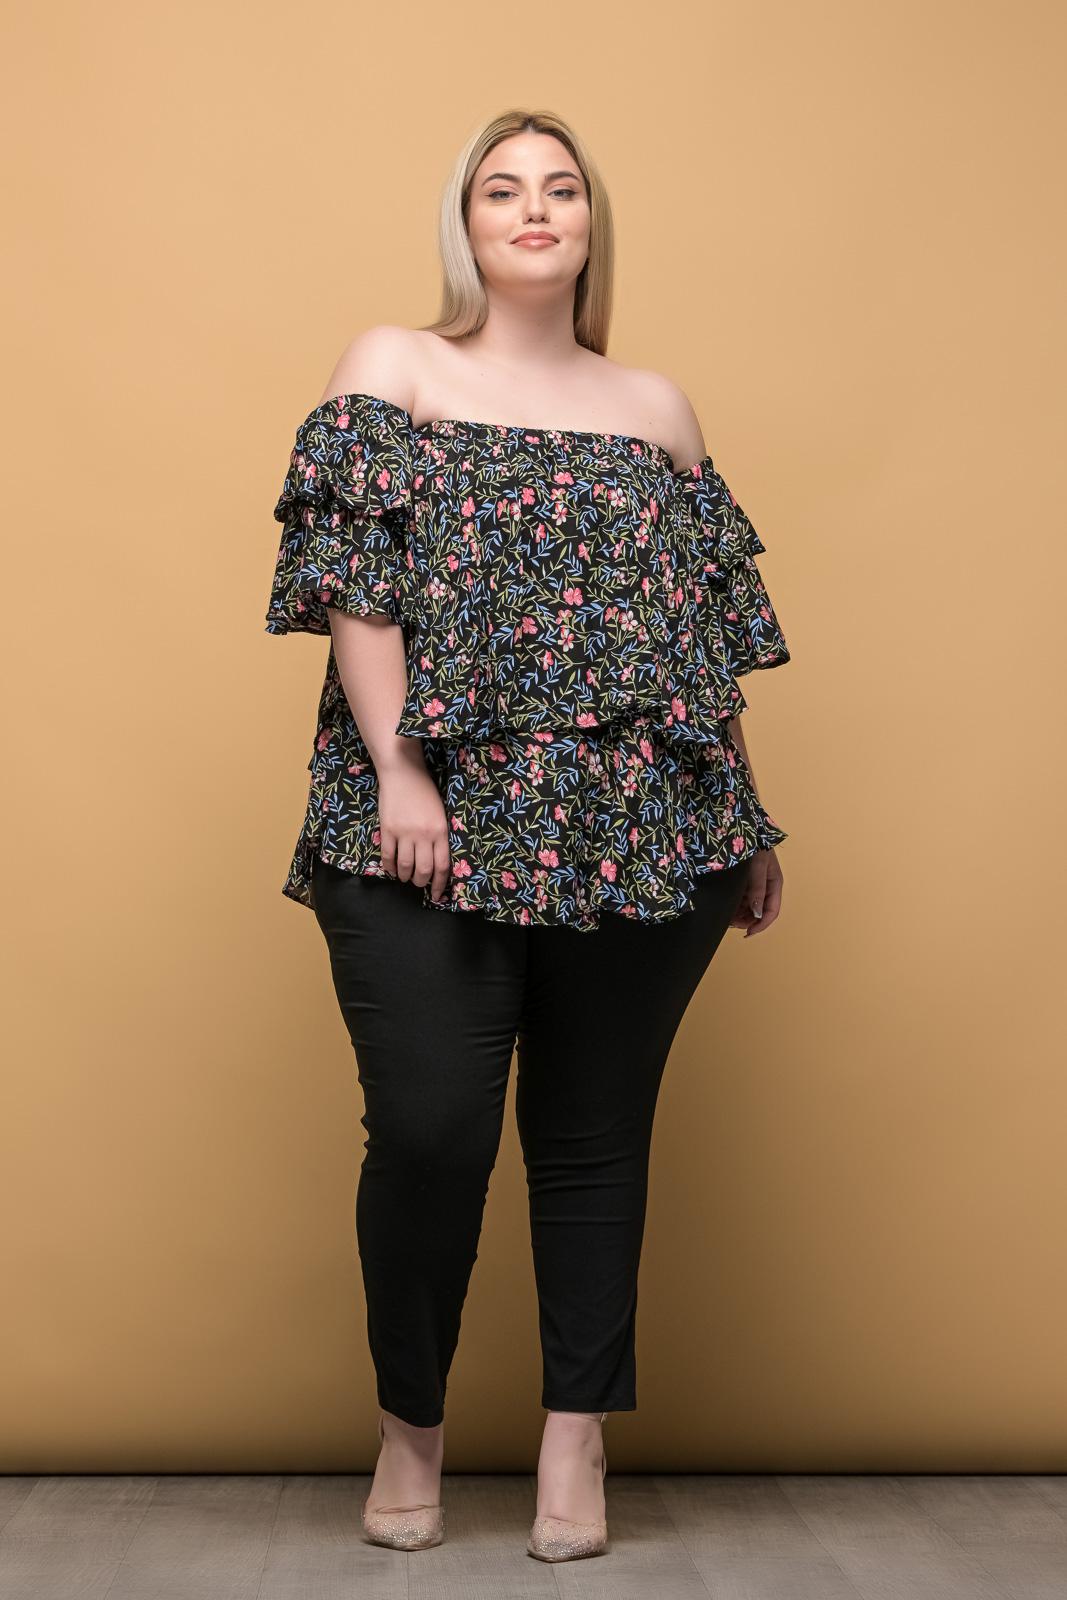 Παντελόνι μεγάλα μεγέθη ελαστική καμπαρντίνα μαύρη μέχρι τον αστράγαλο.Στο eshop μας θα βρείτε οικονομικά γυναίκεια ρούχα σε μεγάλα μεγέθη και υπερμεγέθη.